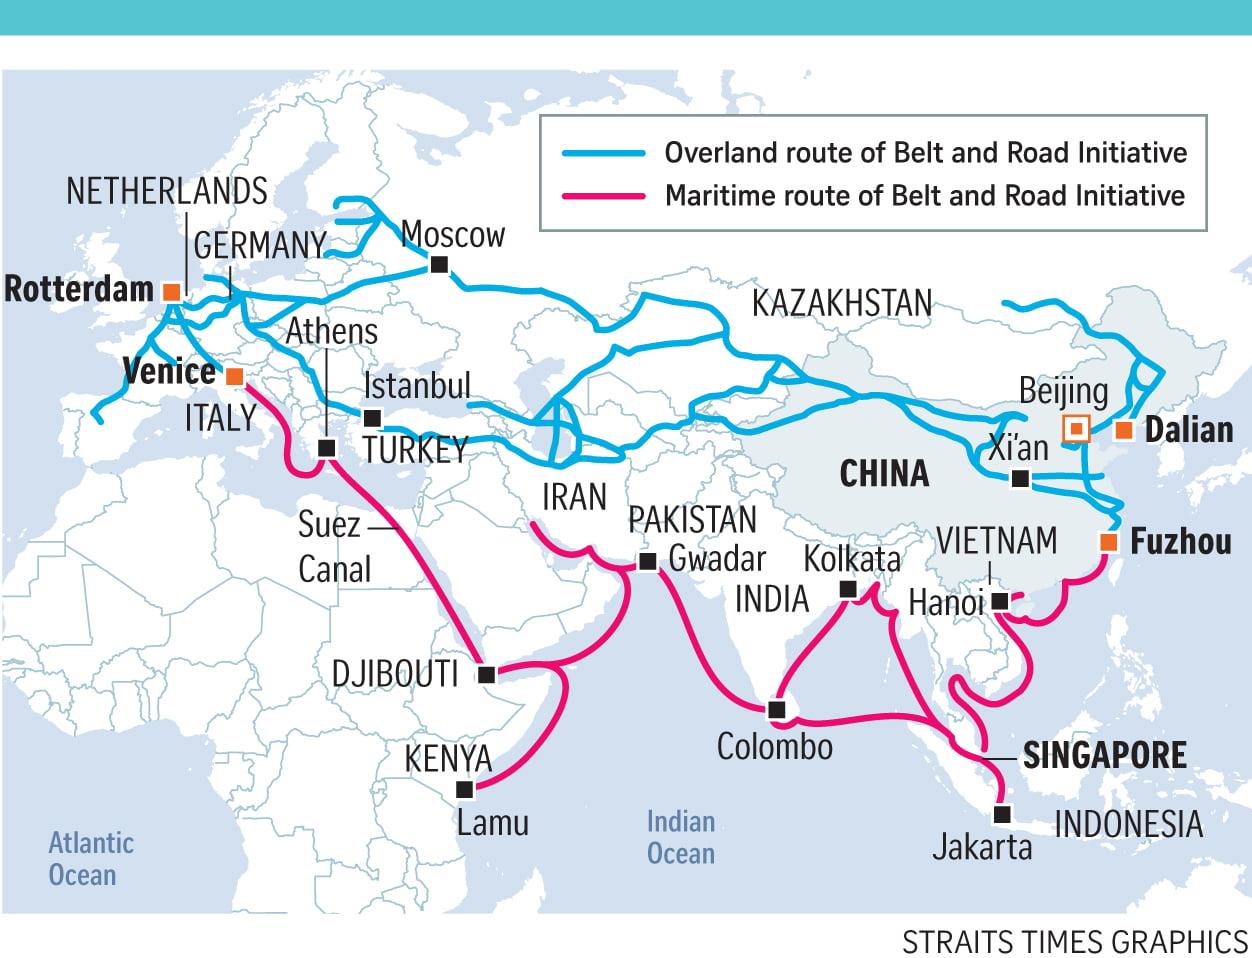 Τα τραίνα του Belt and Road απειλούν τον έλεγχο των Θαλασσών από τις ΗΠΑ